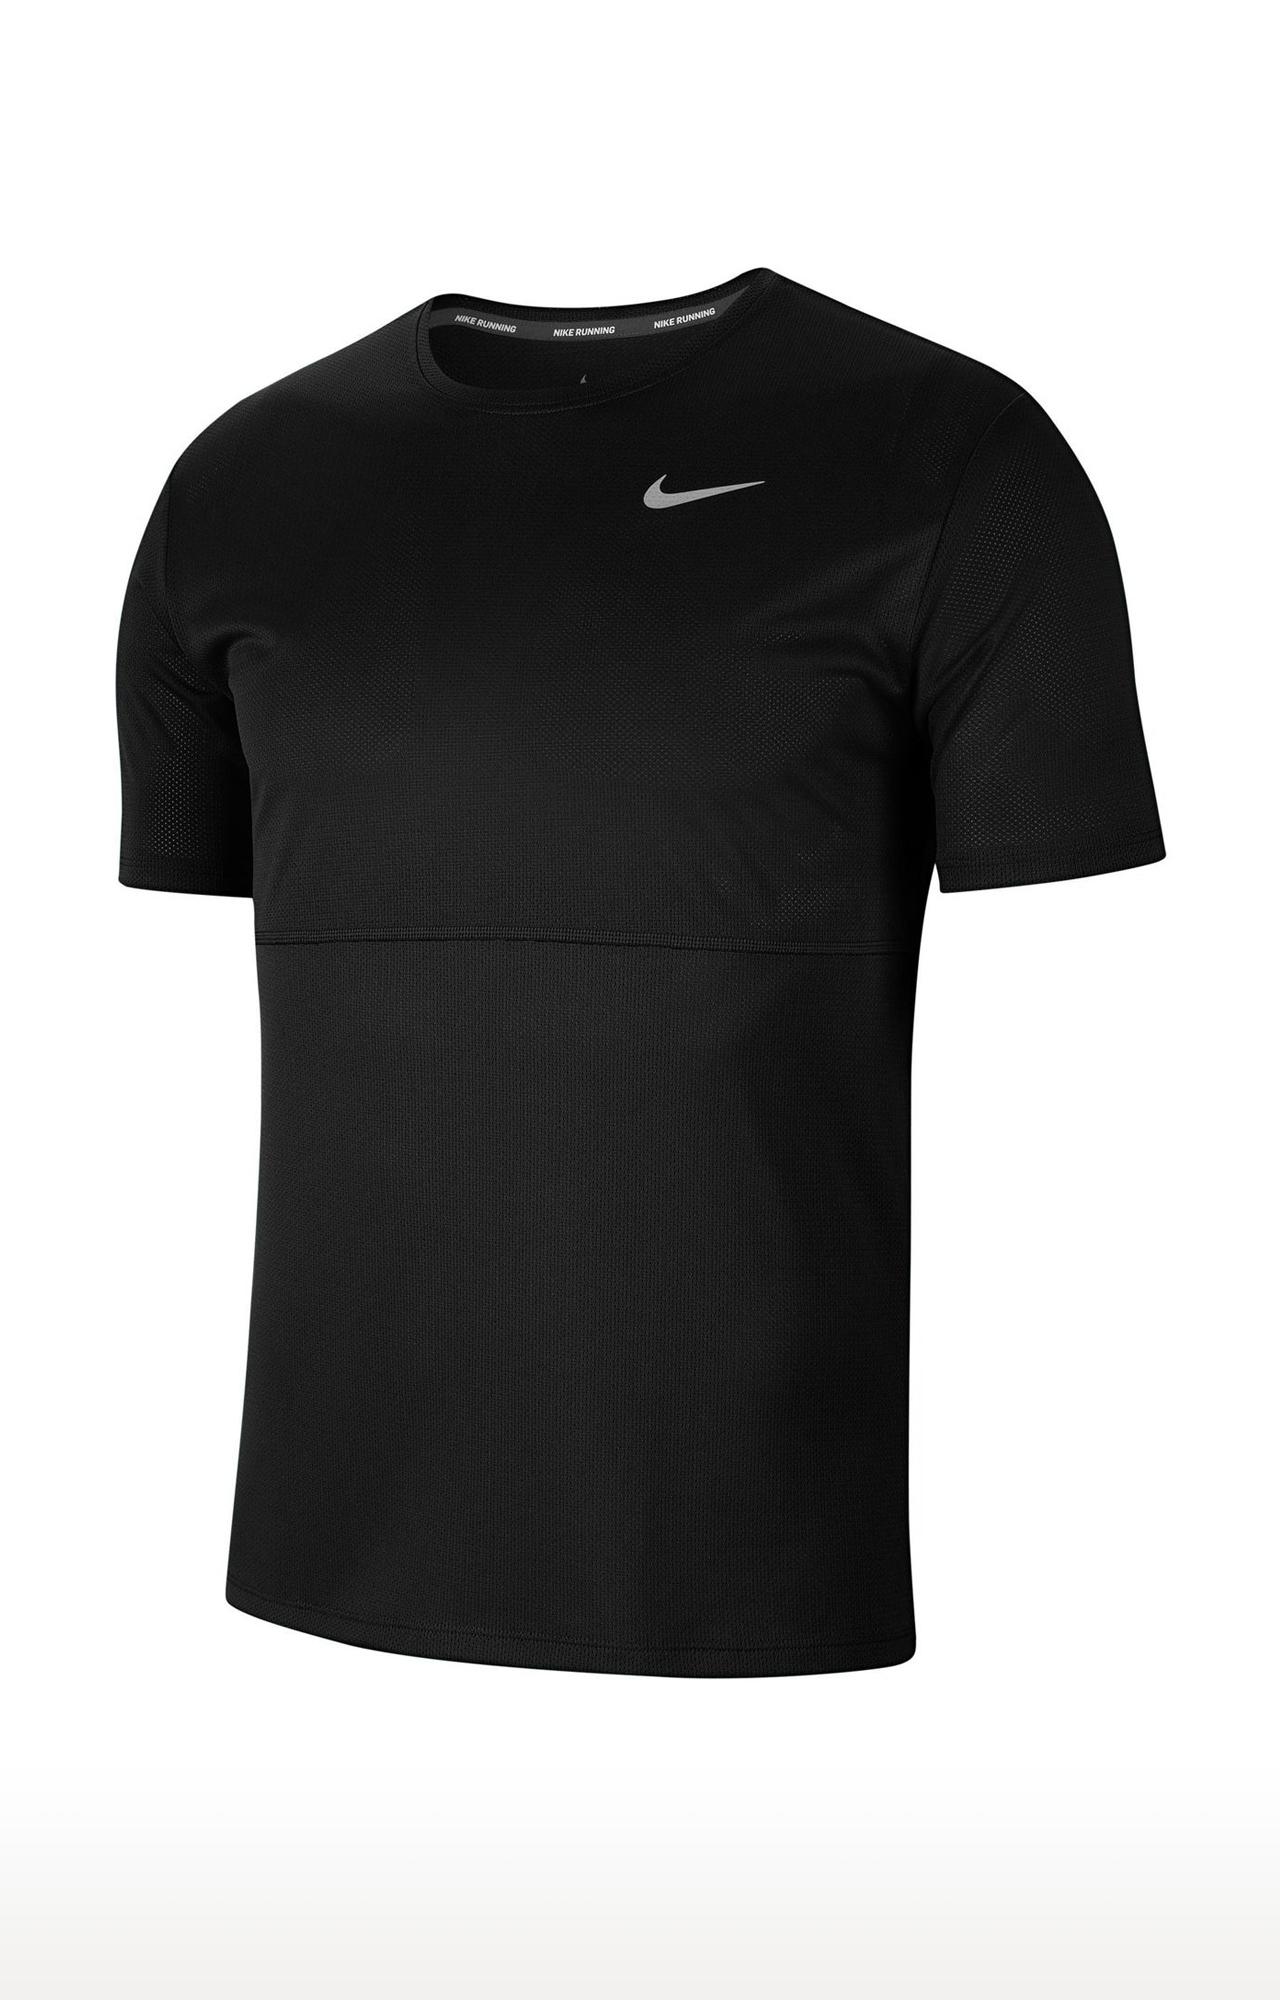 Nike | NIKE AS M NK BREATHE RUN SS CREW